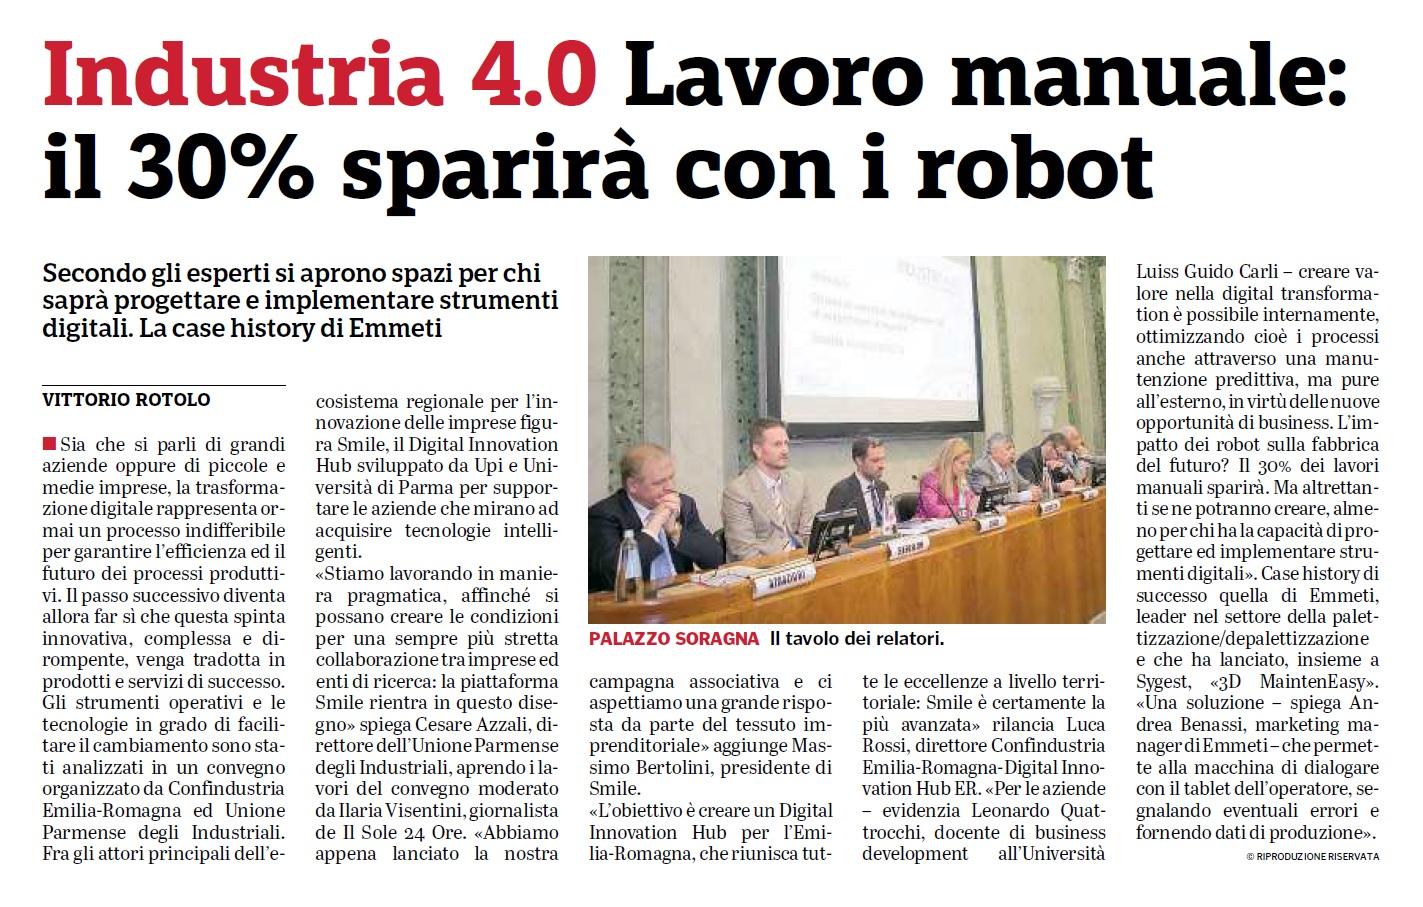 Industry 4.0 - Confindustria Parma   Sygest